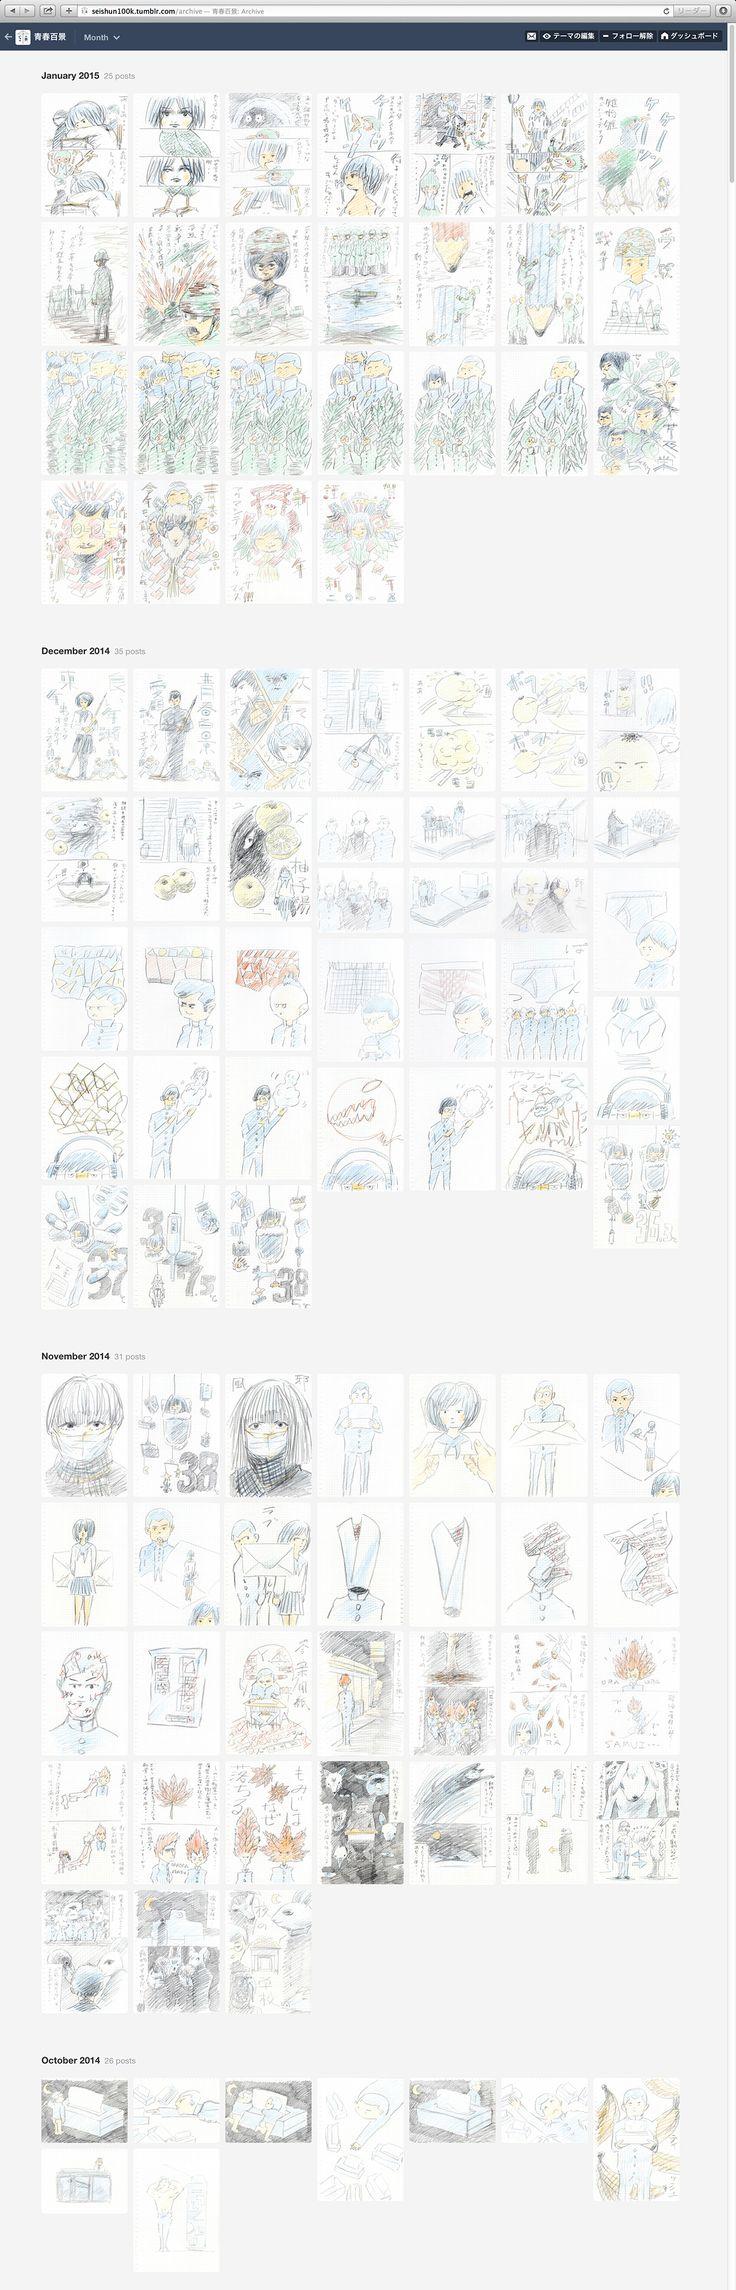 """【青春百景】 中高生の青春をテーマに今年の4月から、1日1枚イラストを掲載してきましたが おかげさまで投稿数が """"300"""" に到達したので201〜300までを記念スクショ。 http://seishun100k.tumblr.com/"""